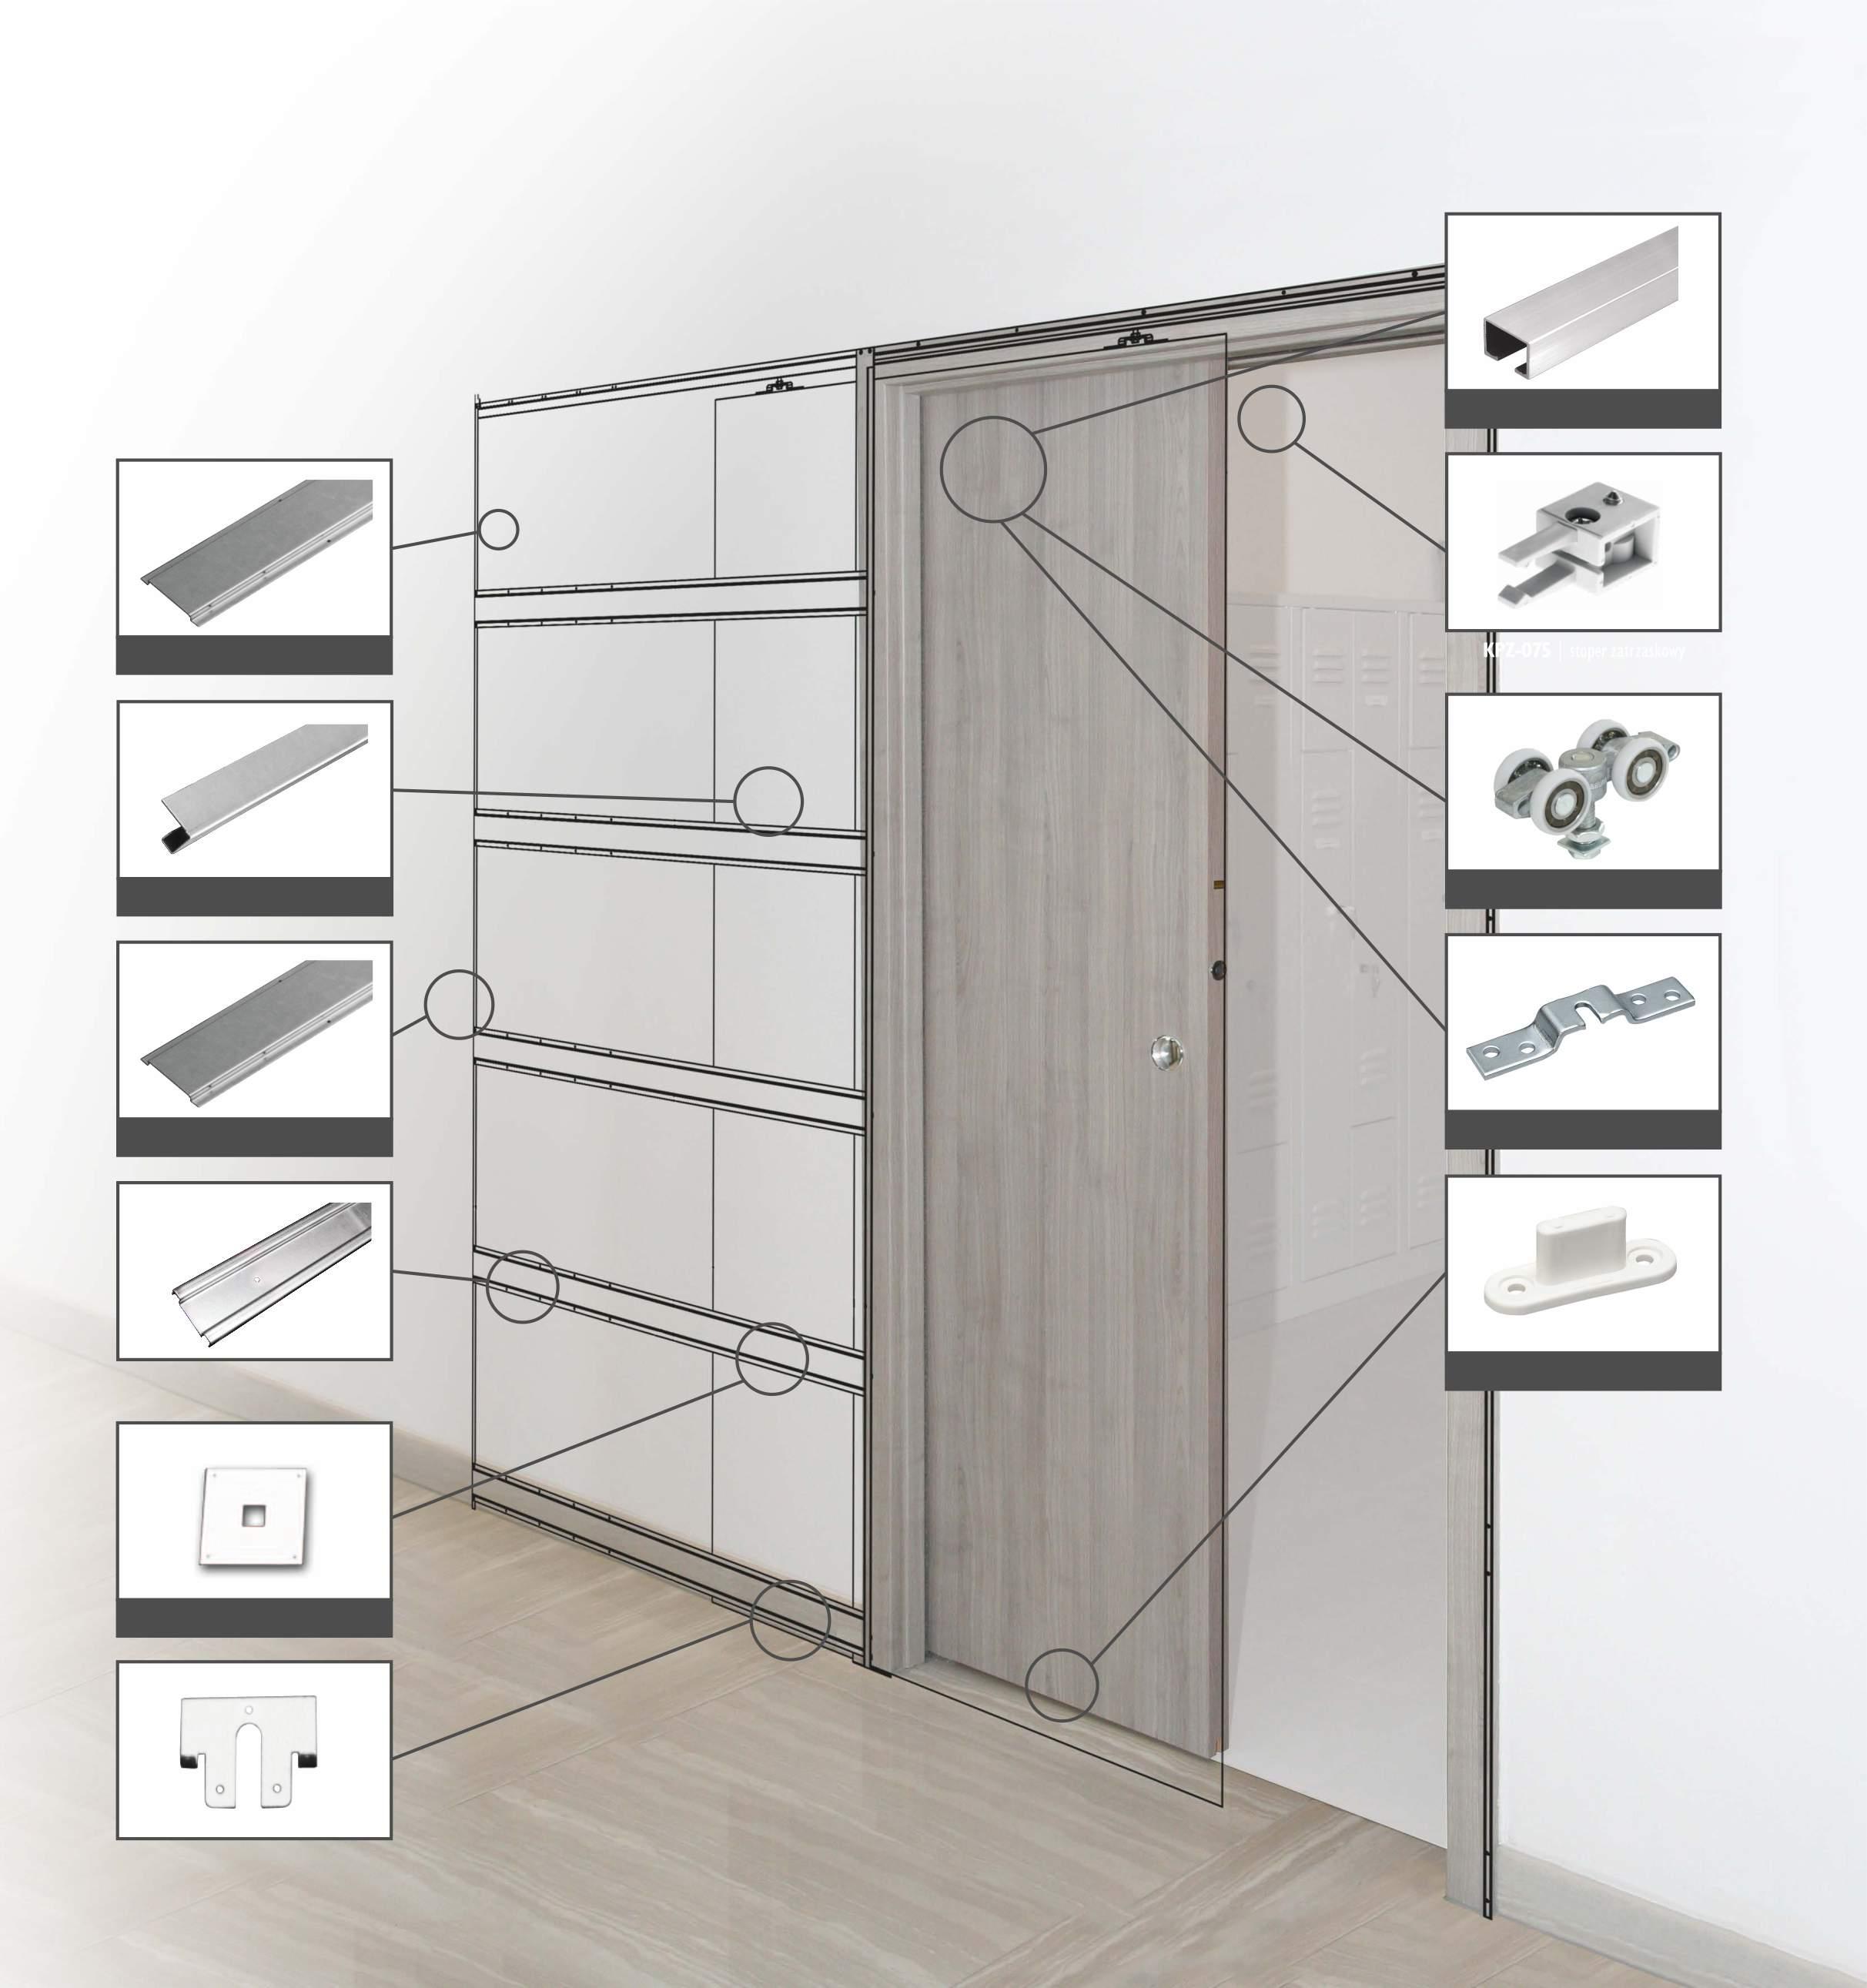 Single sliding pocket door system 100 kg set soft close system 1040 mm ebay - Tips keeping sliding doors reliable functional ...